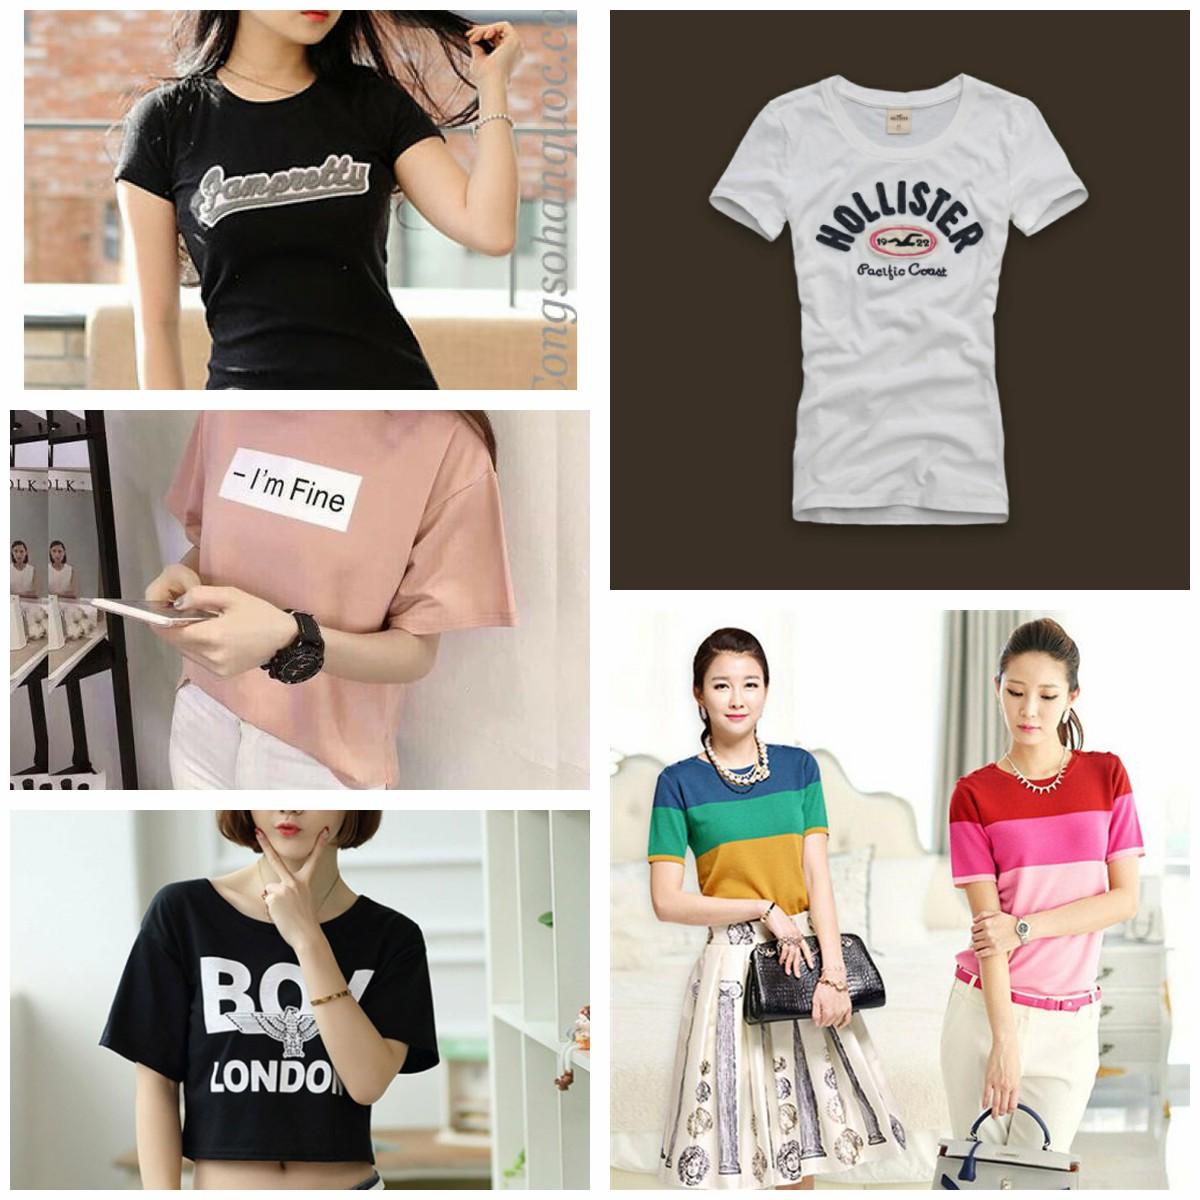 nhung mau ao thun nu moi nhat 5 - Những mẫu áo thun nữ mới nhất hiện nay